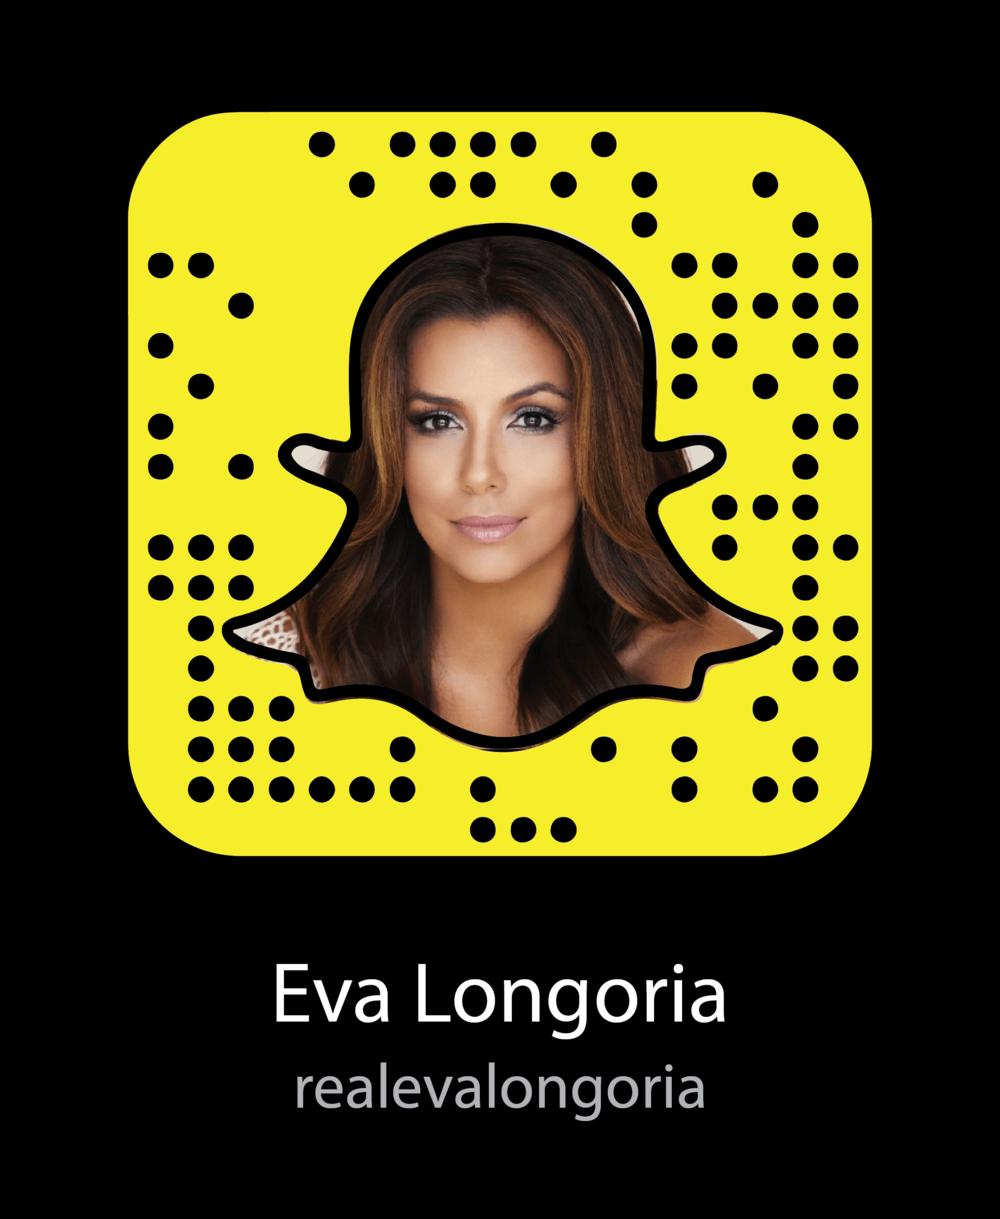 eva-longoria-celebrity-snapchat-snapcode